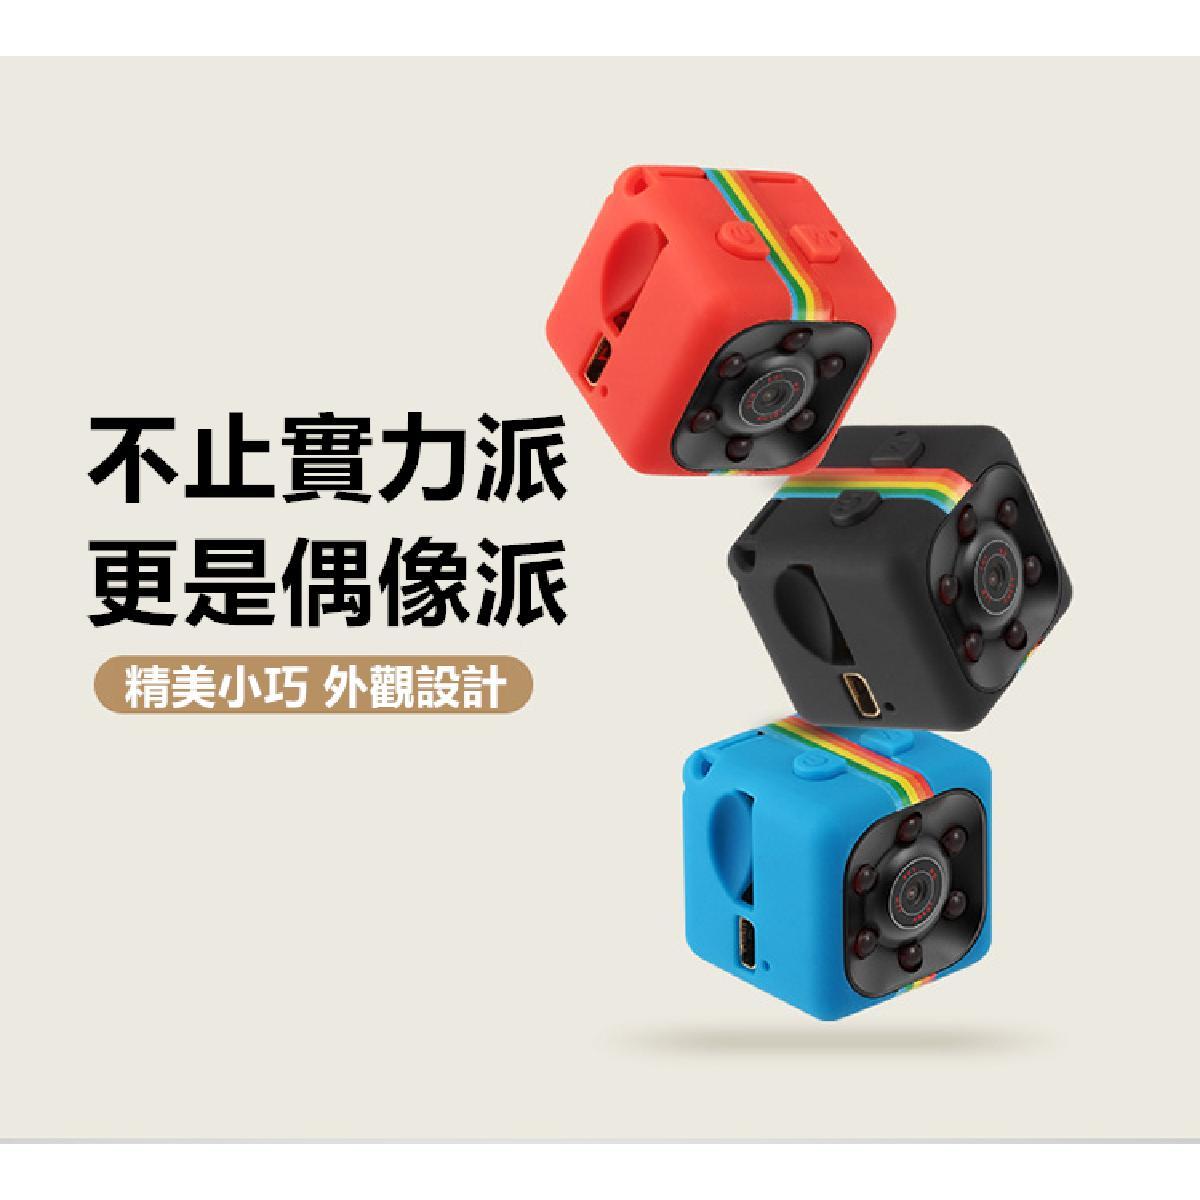 高清迷你運動相機SQ11 (黑色)